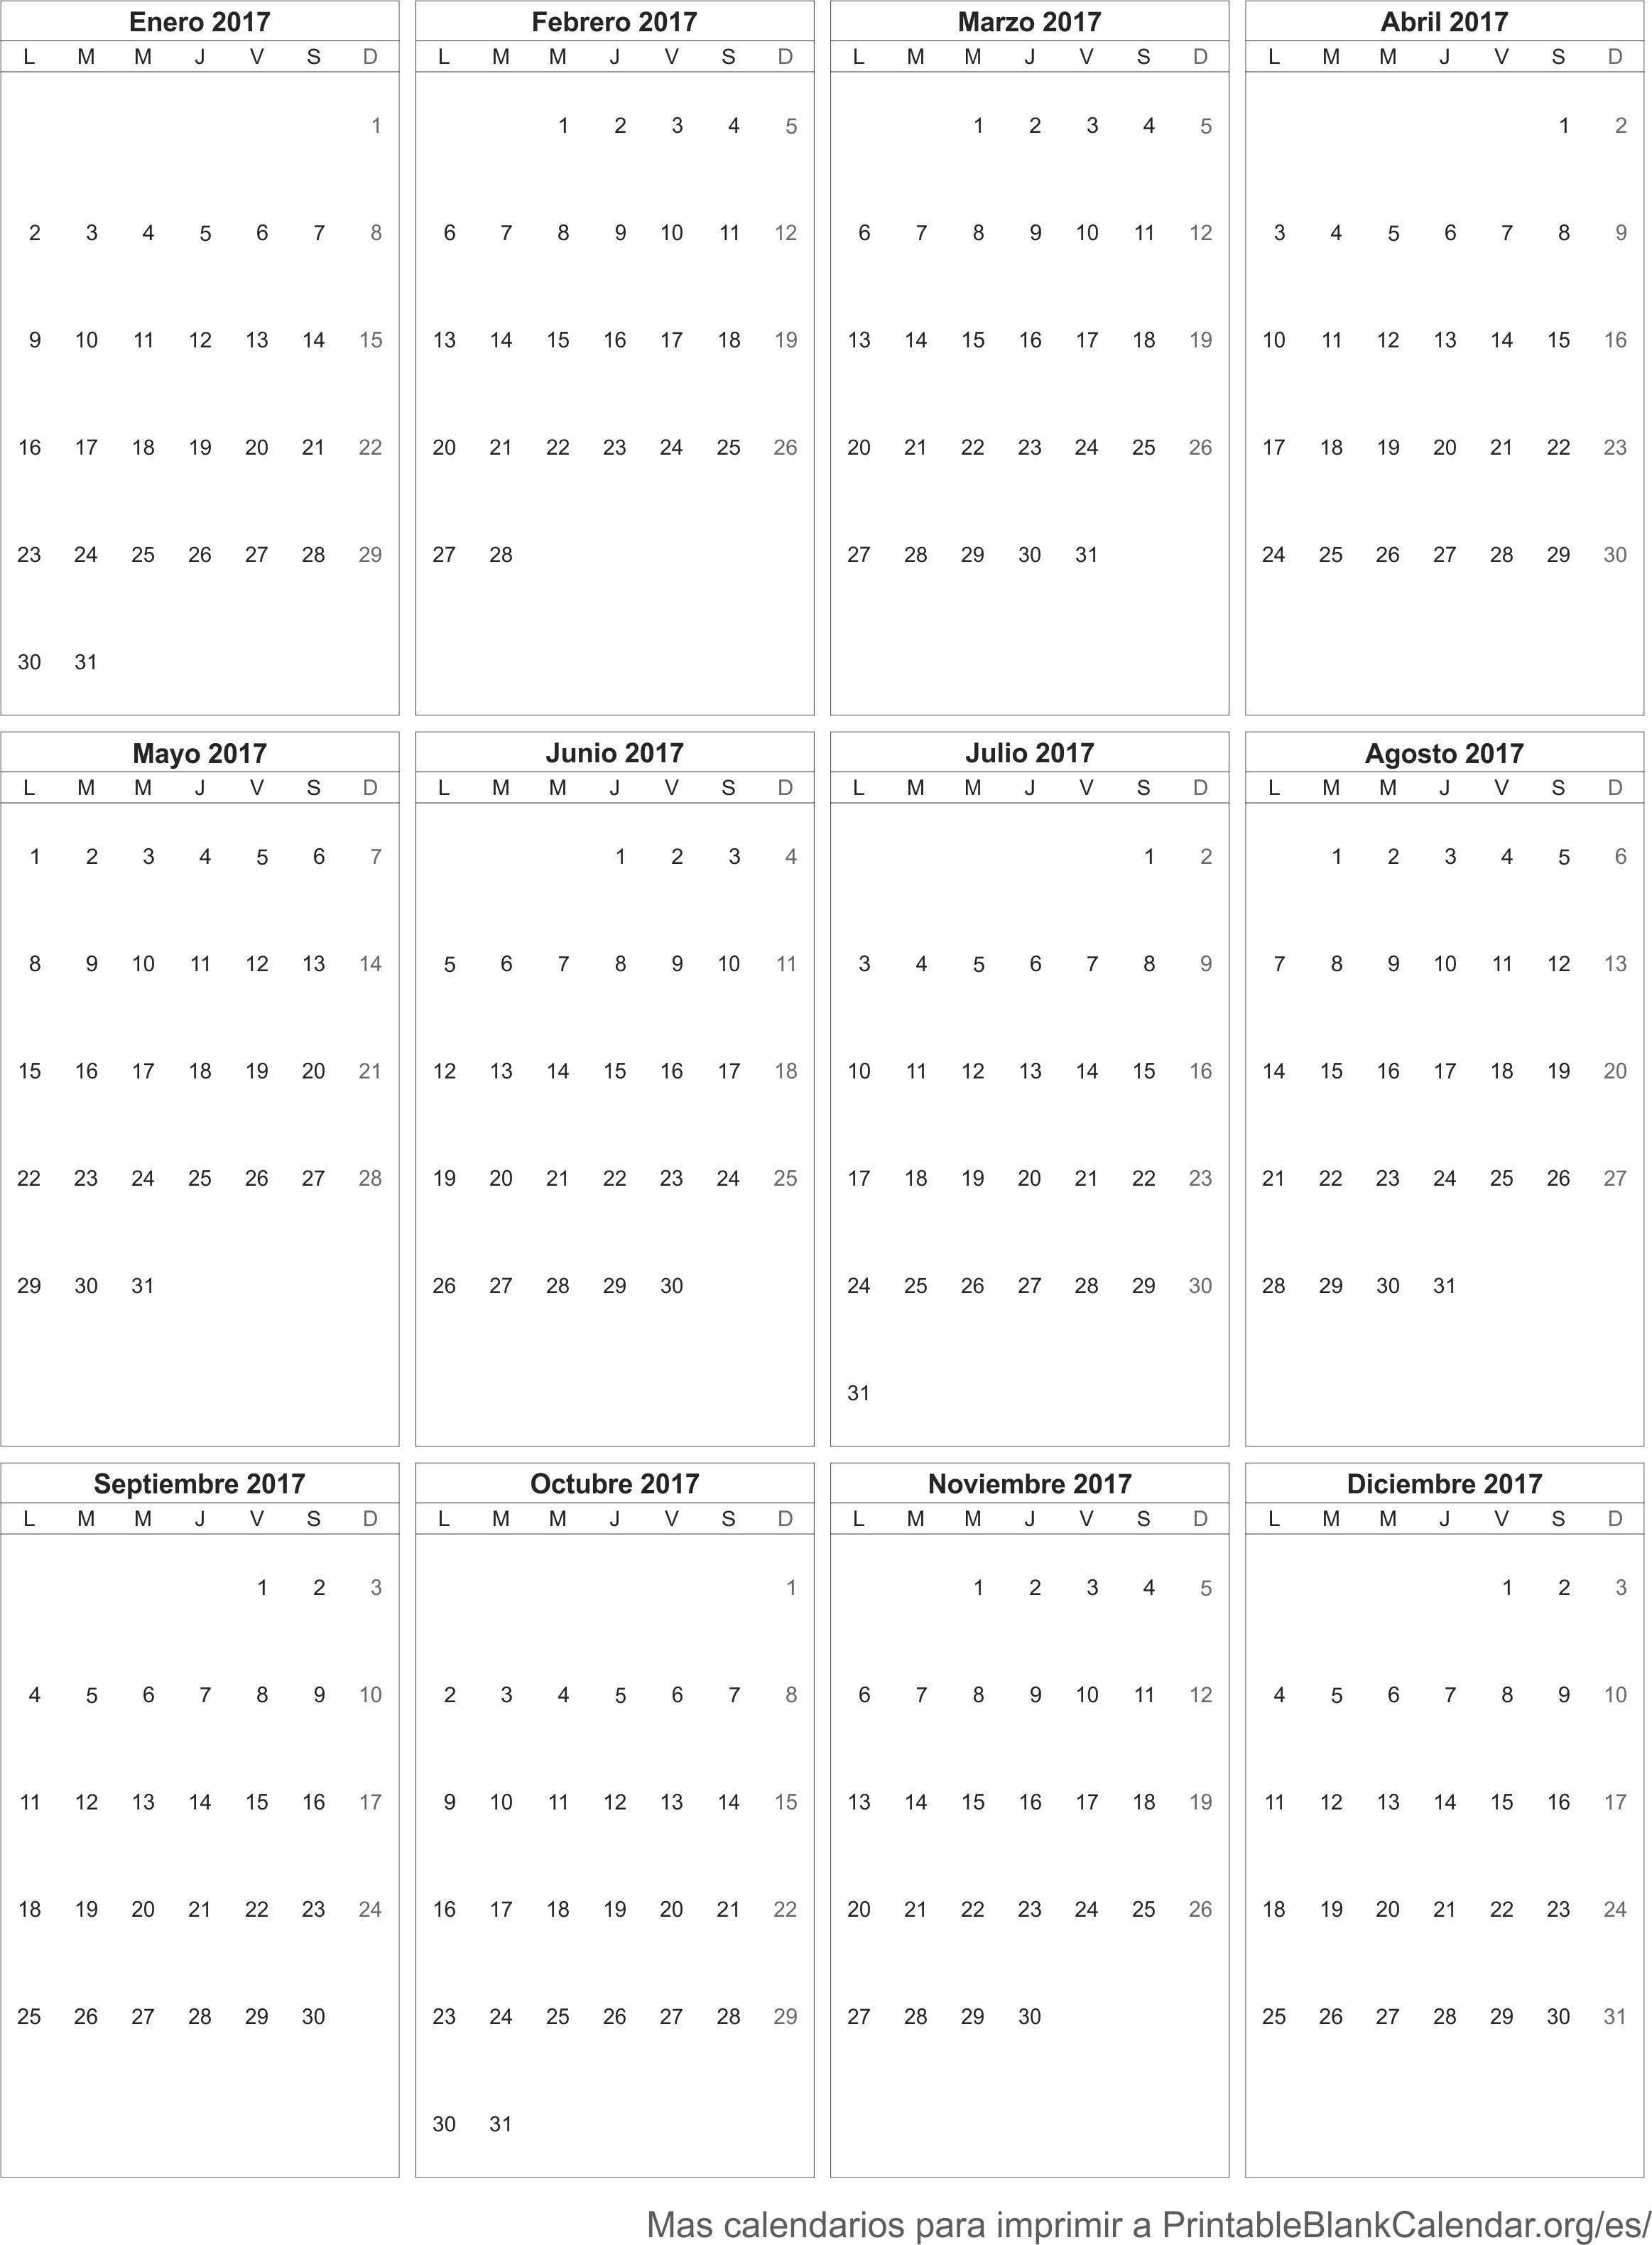 2017 Calendario Para Imprimir - Calendarios Para Imprimir